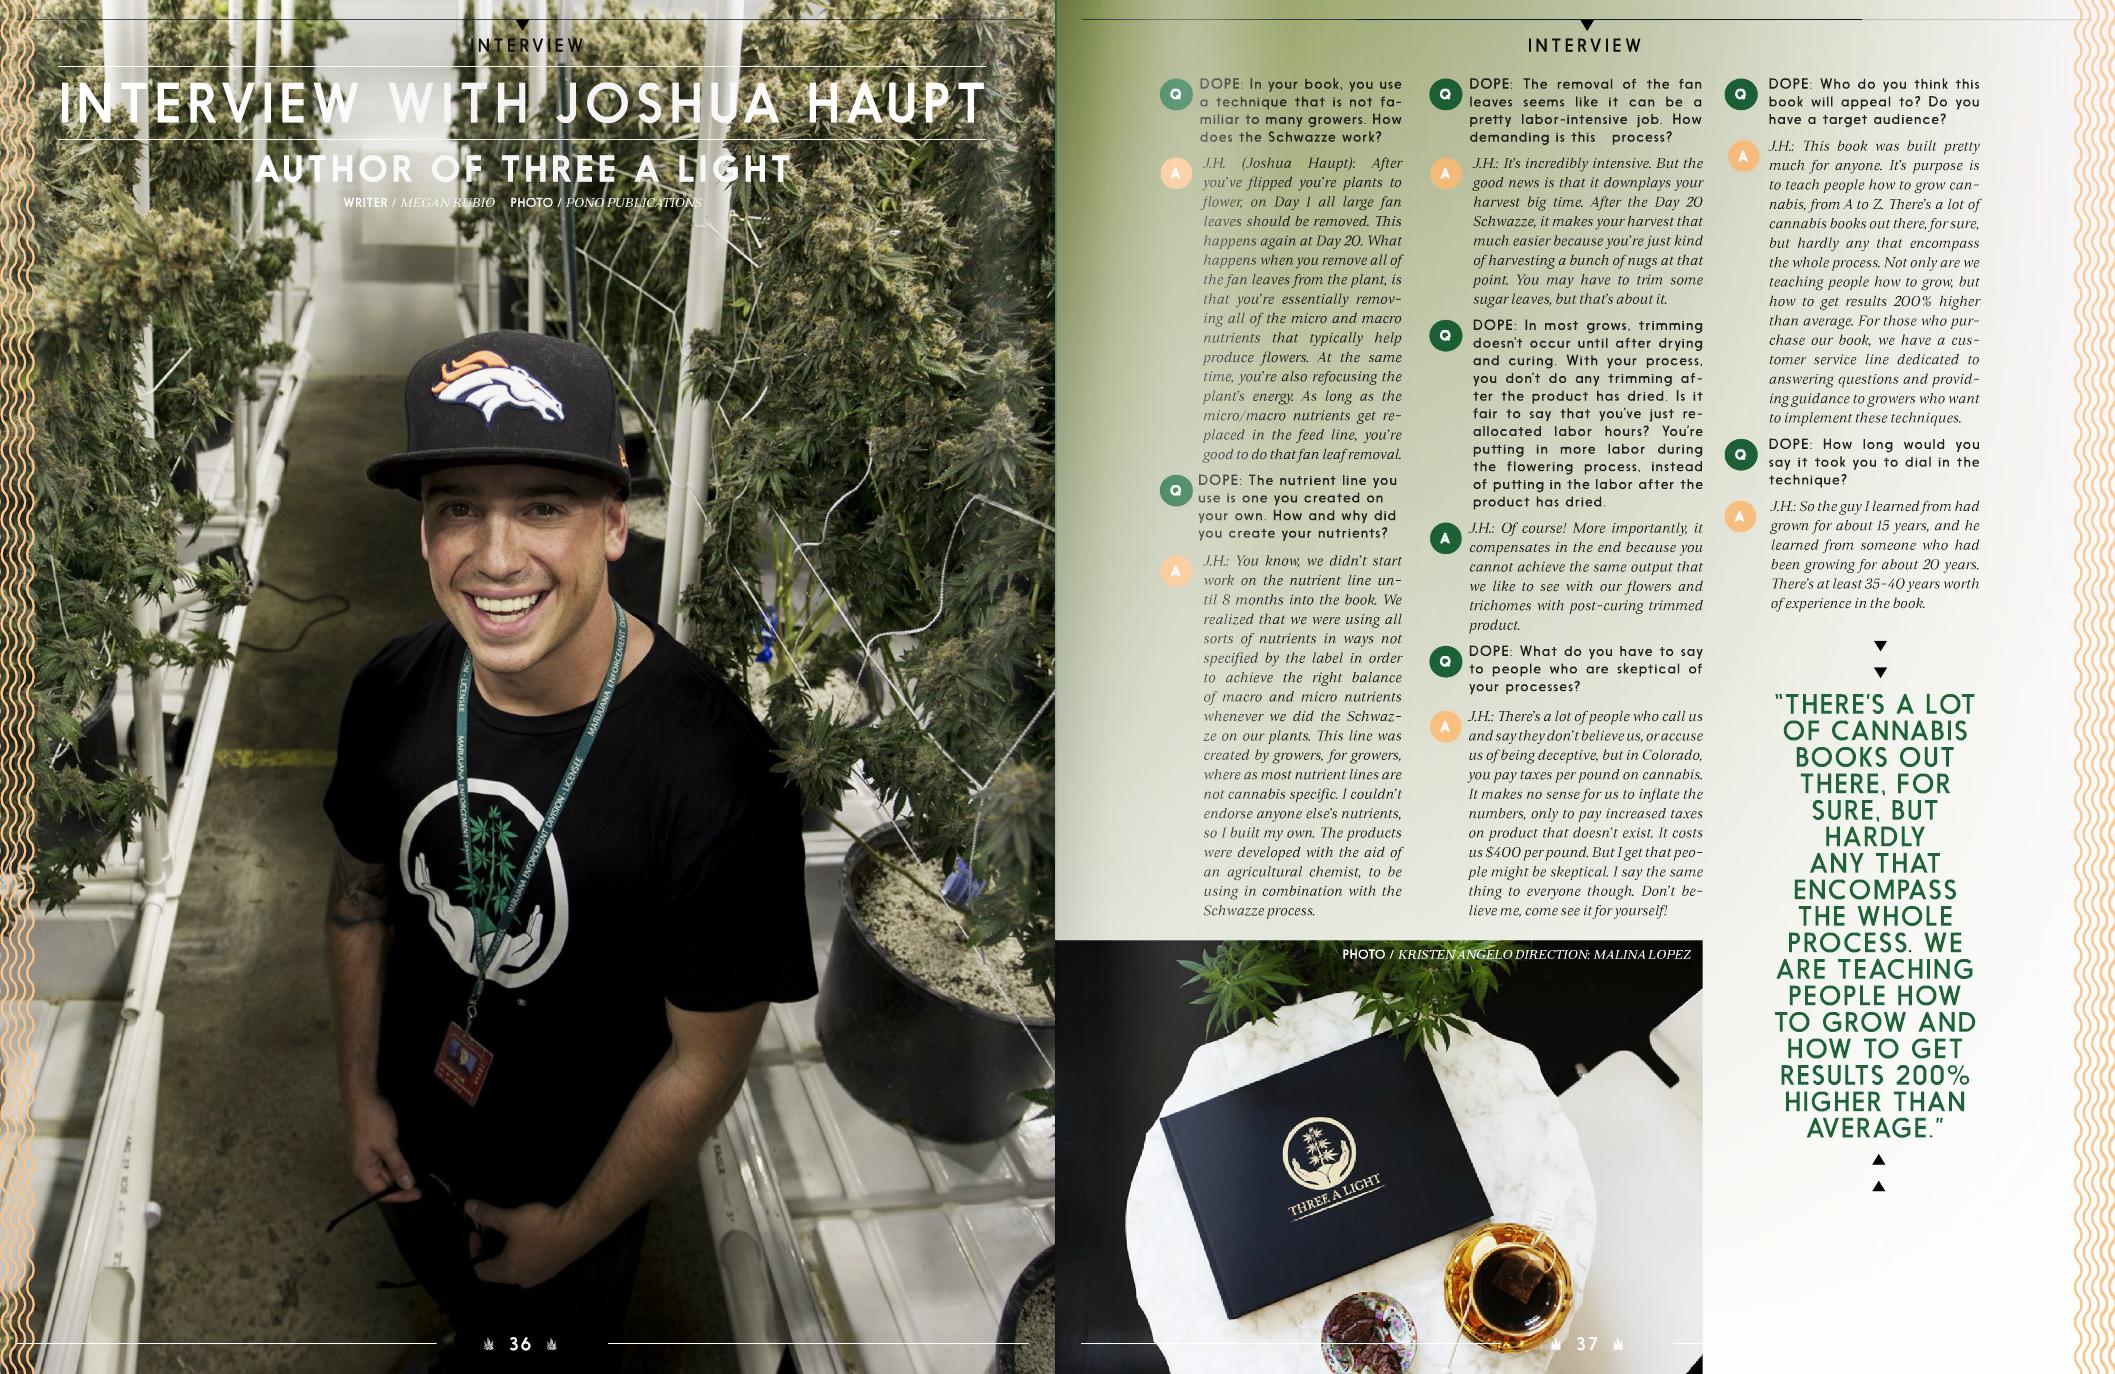 Dope Magazine, June 2016